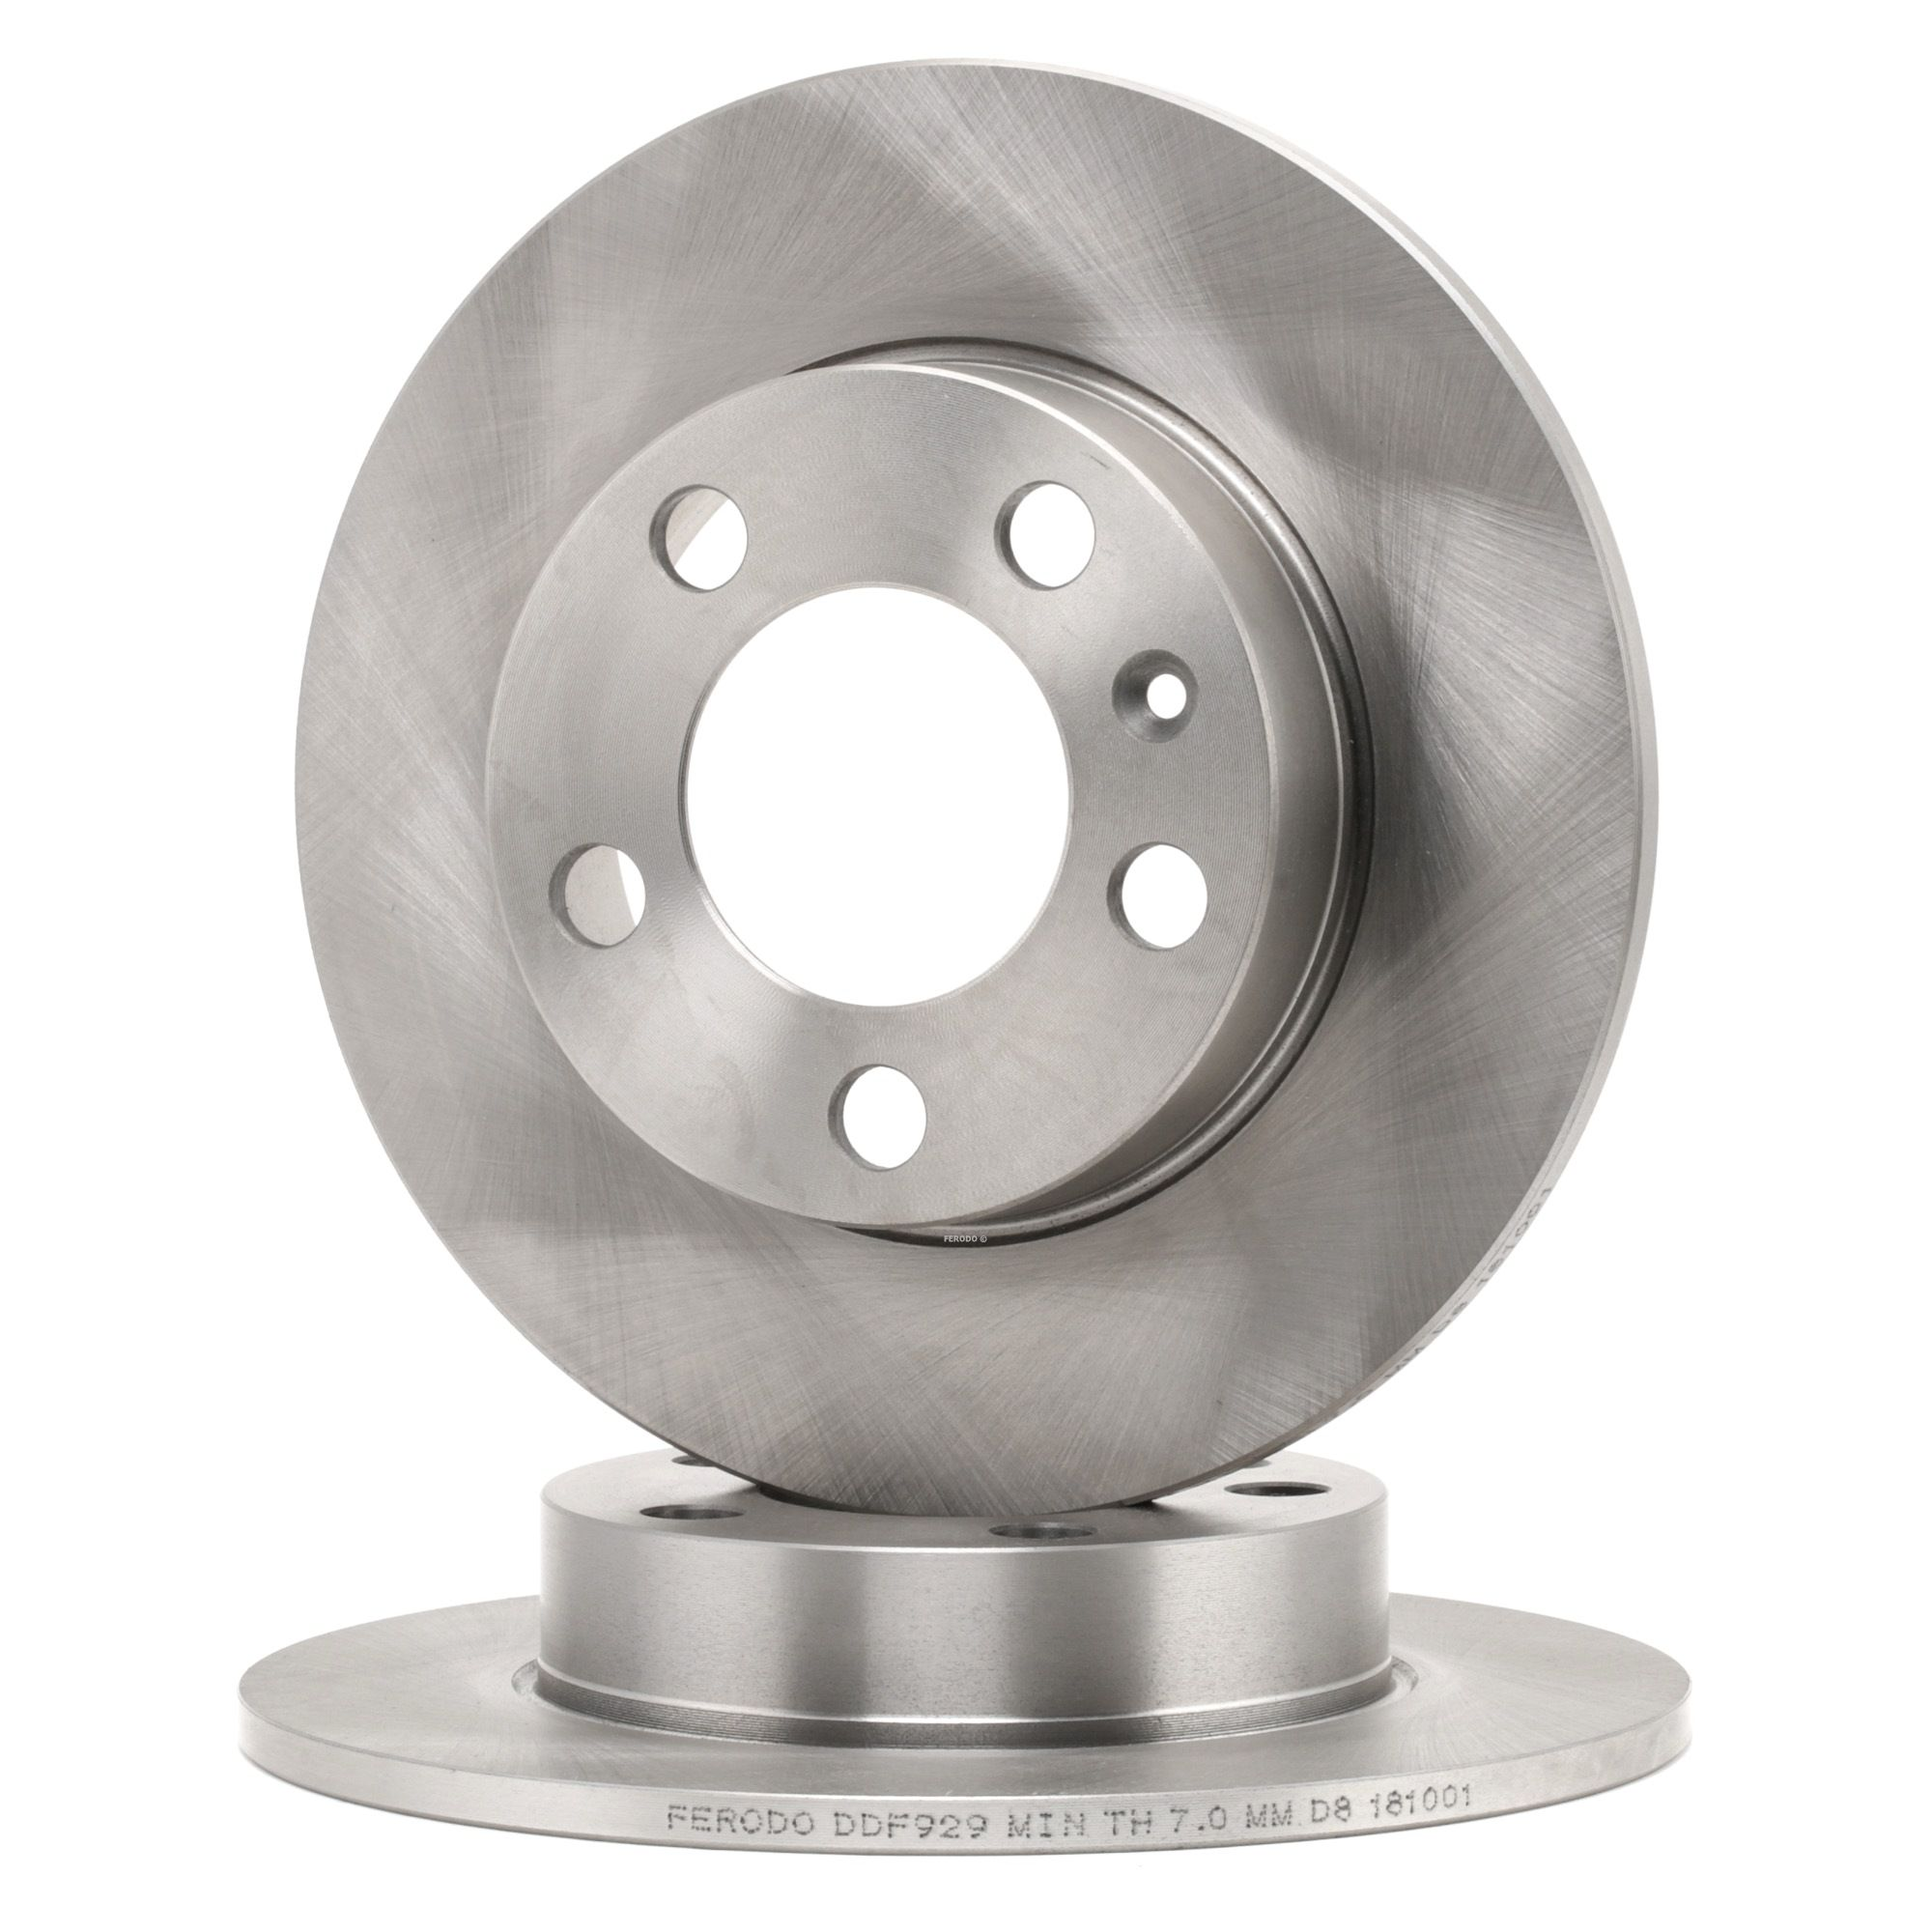 Achetez Disque de frein FERODO DDF929 (Ø: 232mm, Nbre de trous: 5, Épaisseur du disque de frein: 9mm) à un rapport qualité-prix exceptionnel